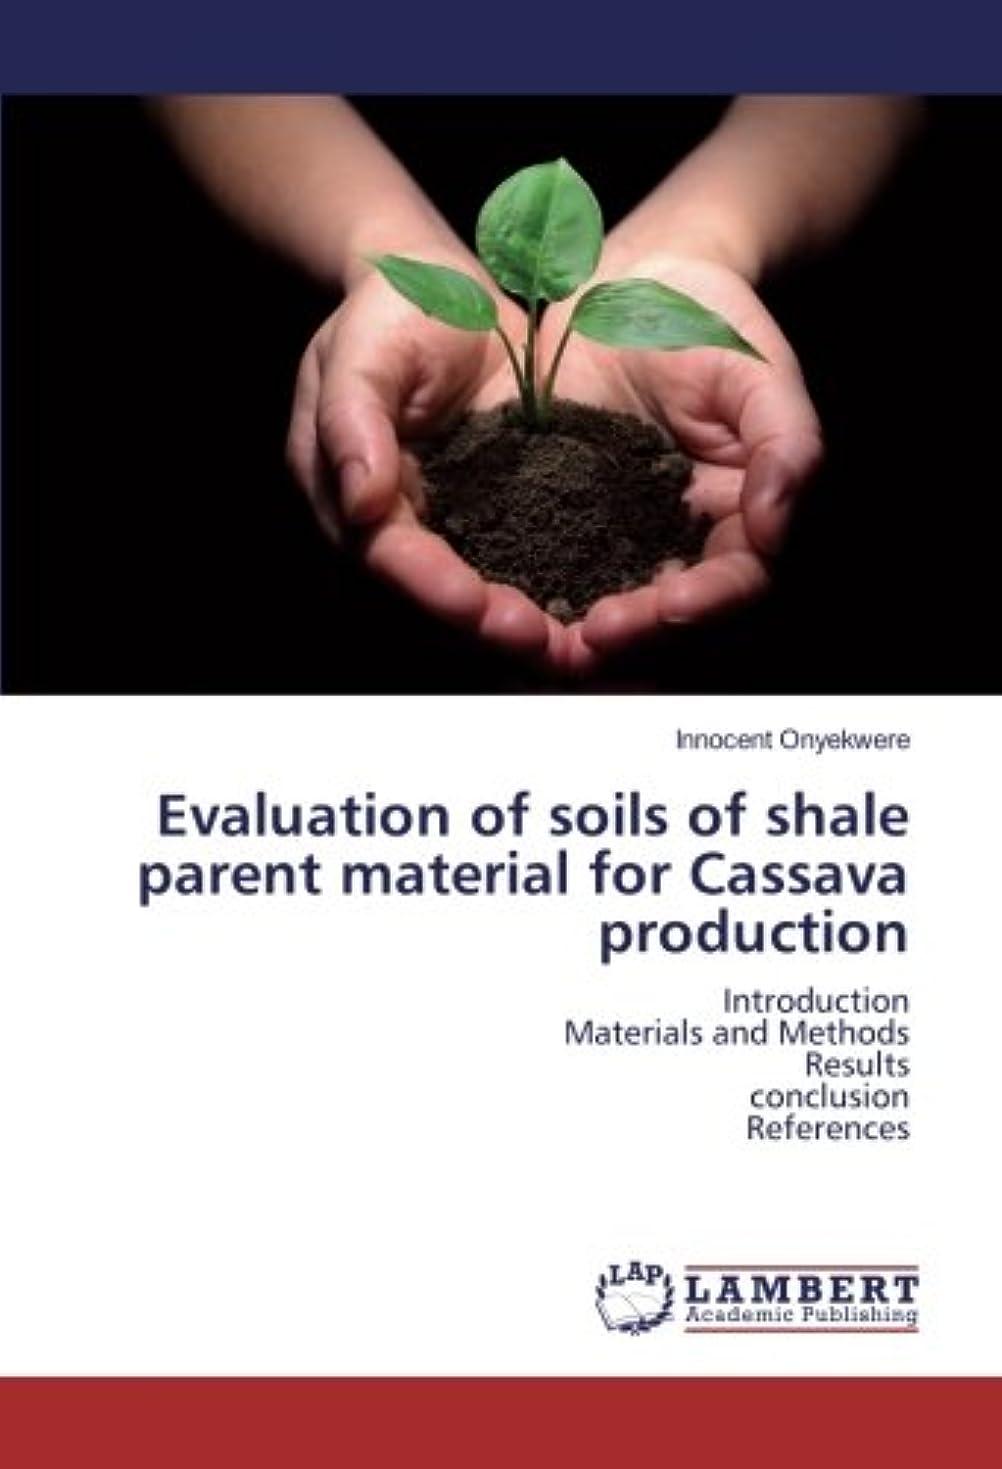 ひねり進む動員するEvaluation of soils of shale parent material for Cassava production: Introduction Materials and Methods Results conclusion References